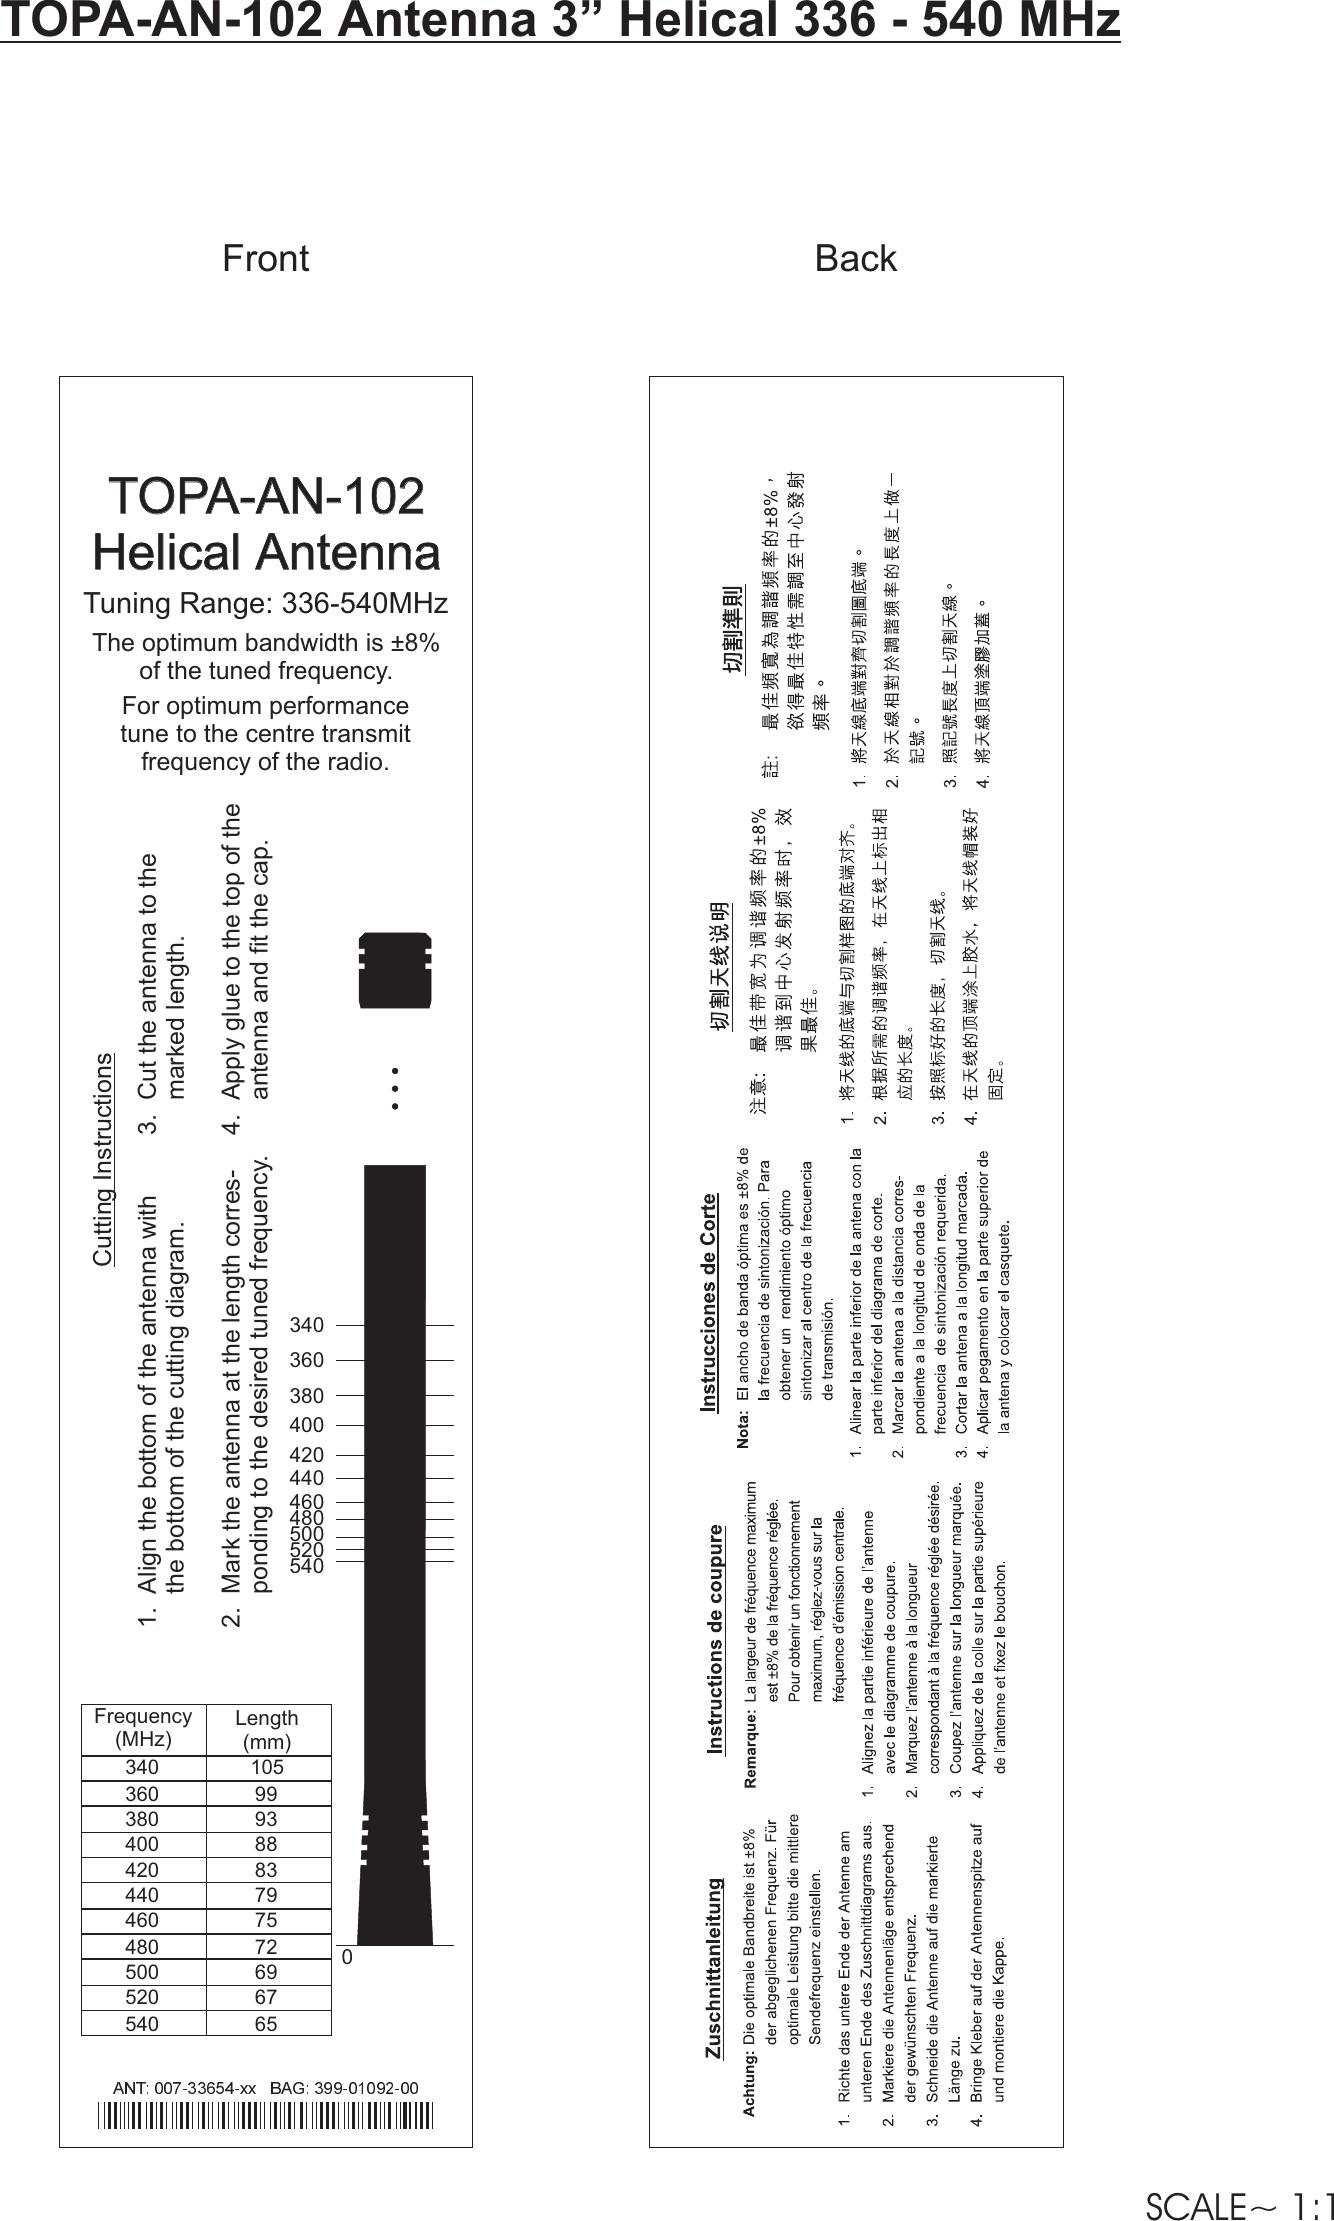 TOPA AN 102 T5000/T5000 AE Cutting Charts/TOPA